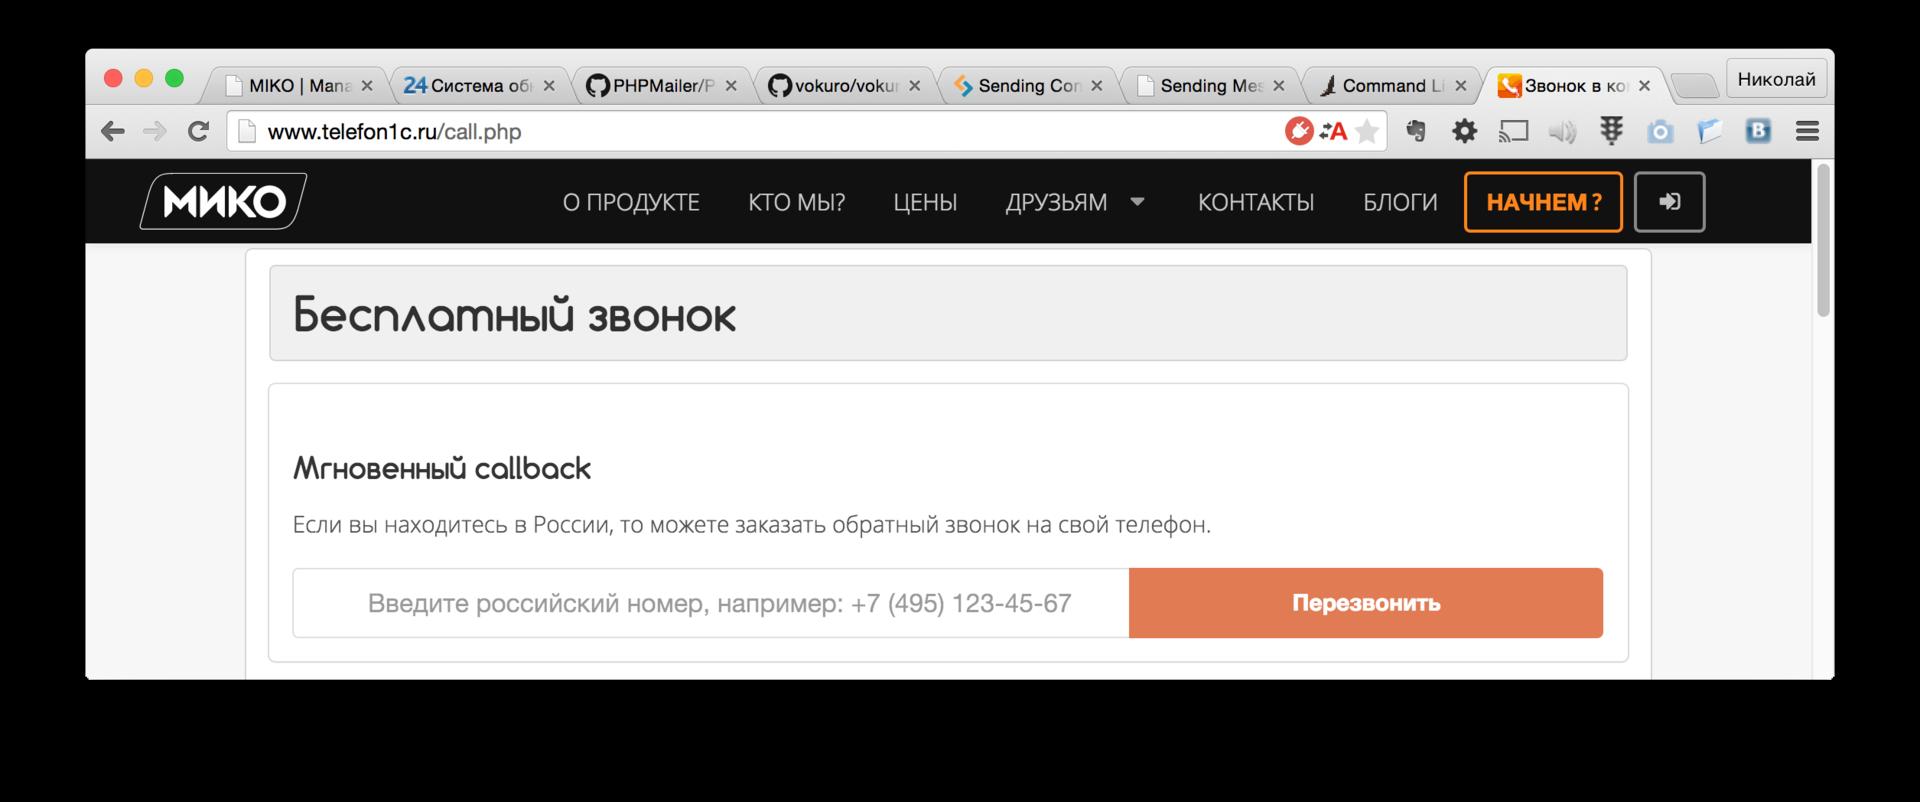 обратный звонок на php ajax